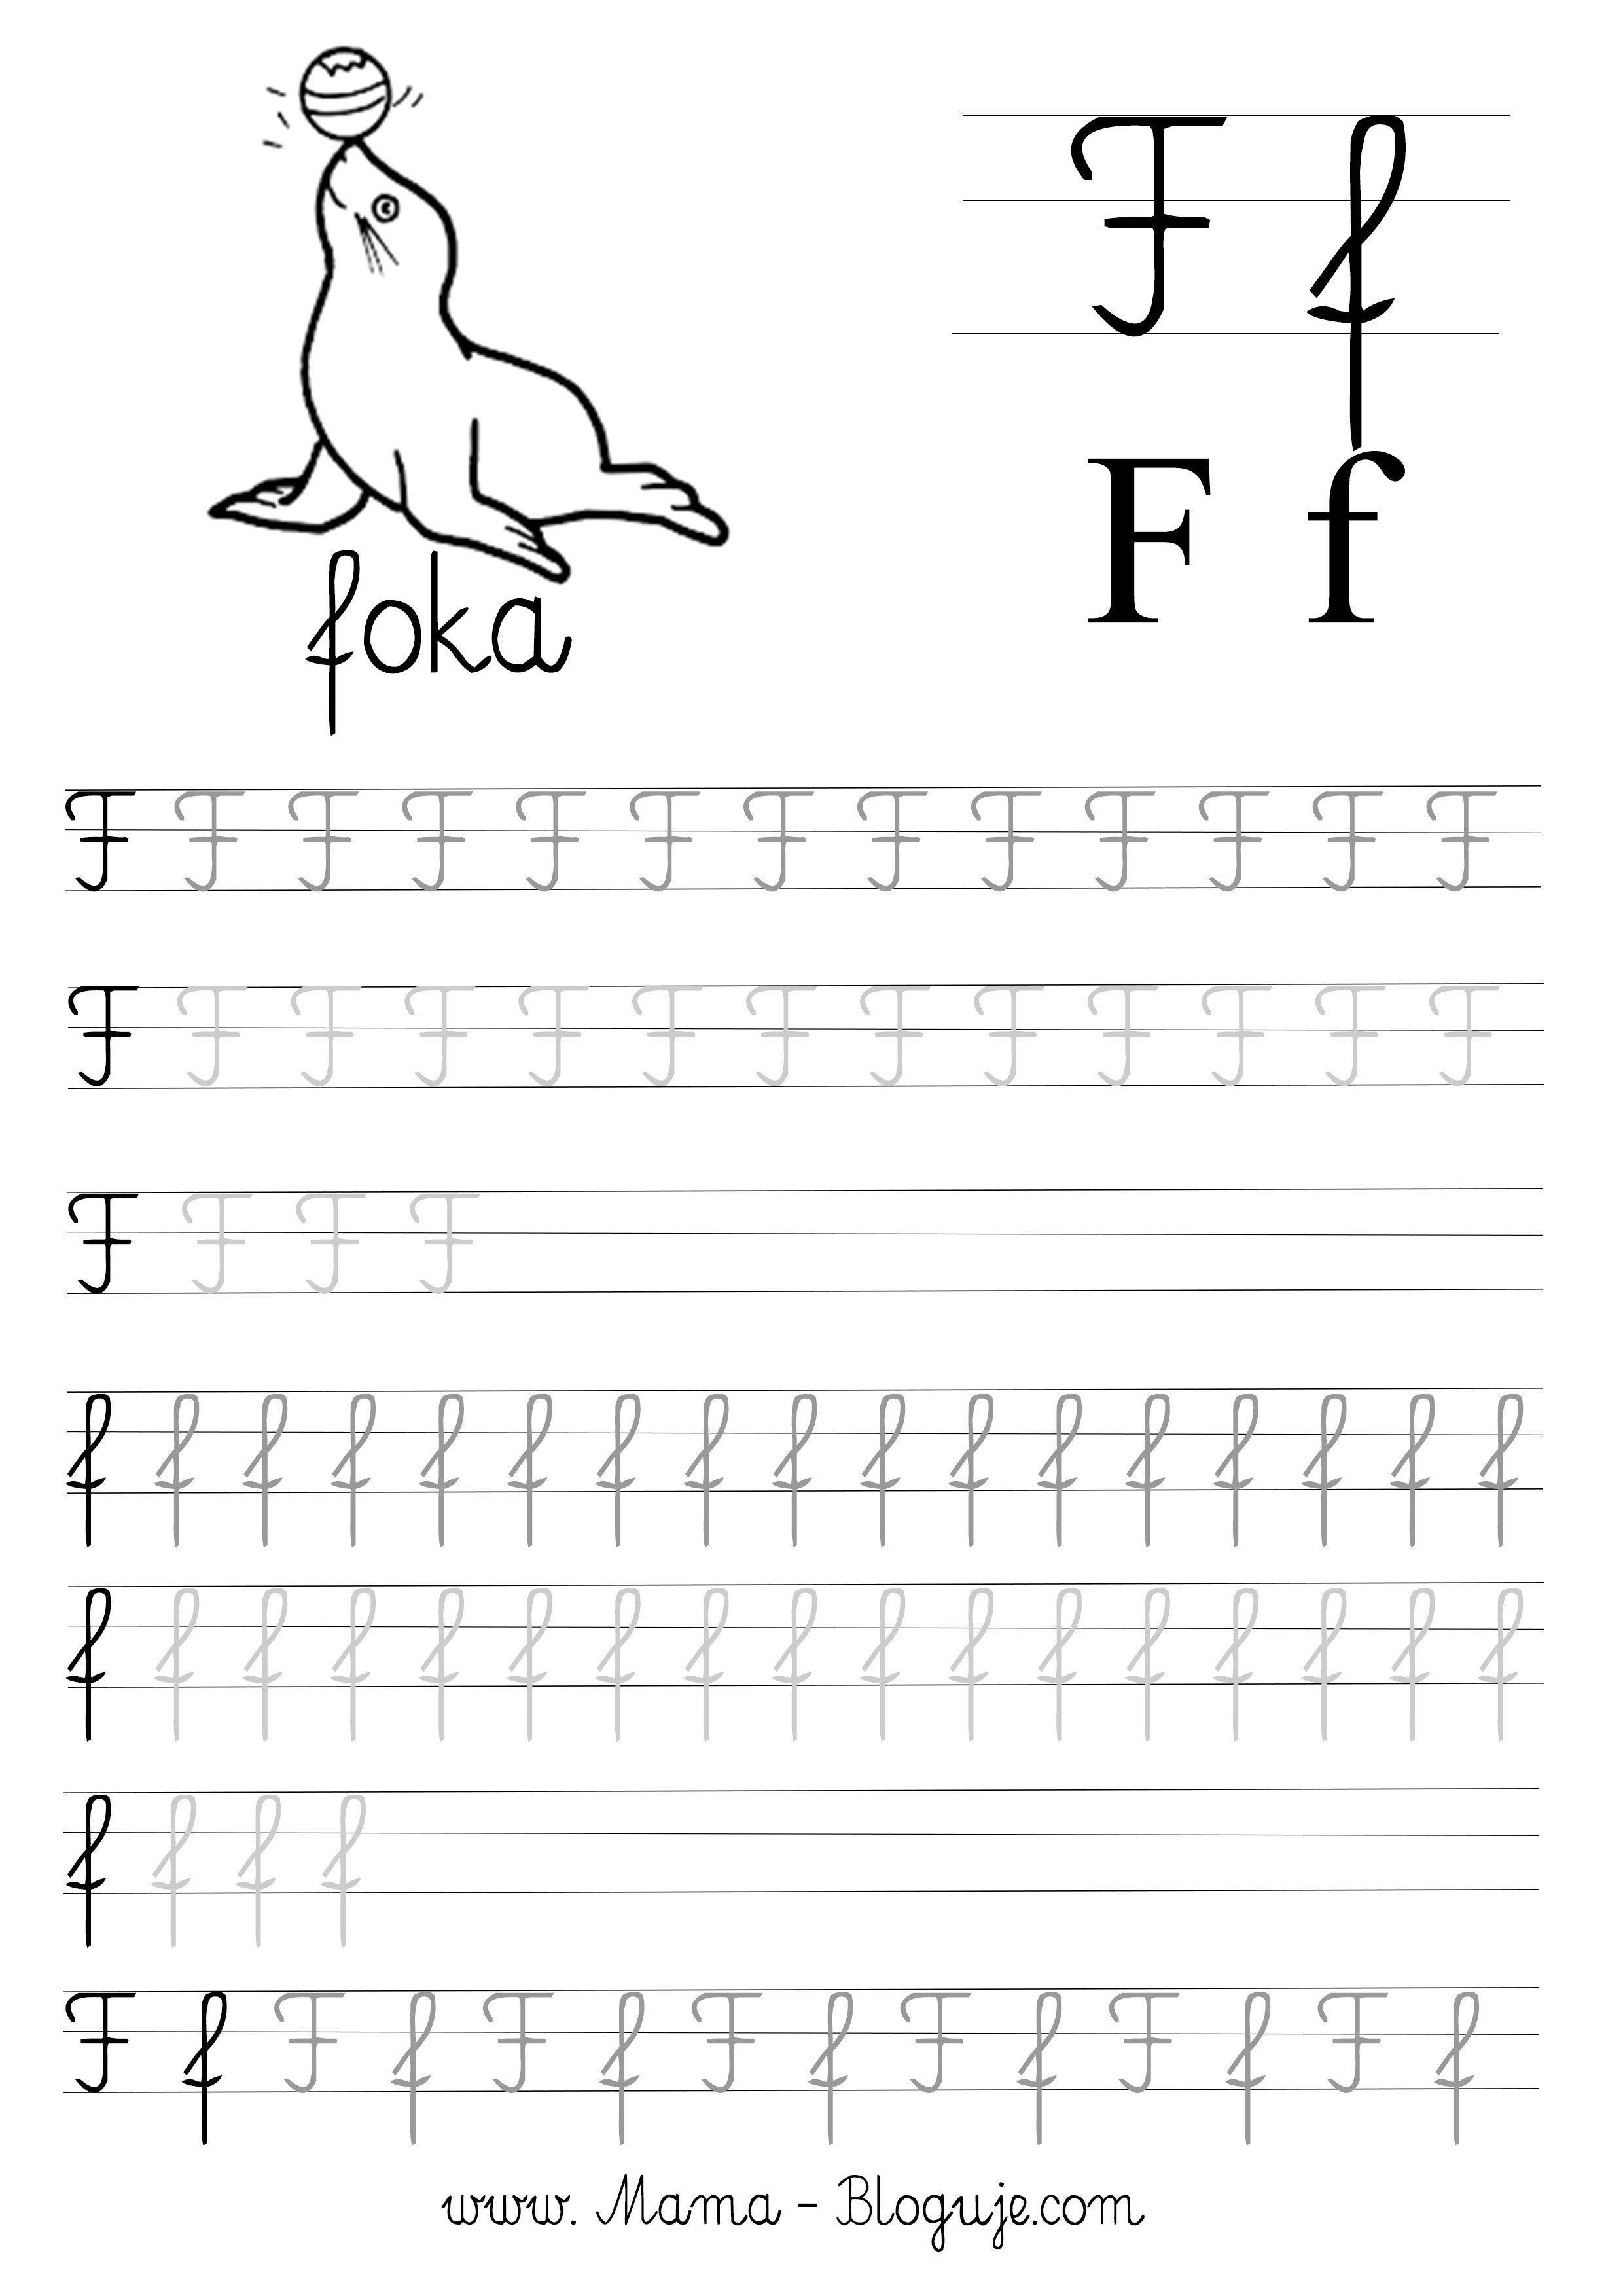 Znalezione Obrazy Dla Zapytania Karty Pracy Do Druku Litery Cursive Writing Practice Sheets Preschool Writing Kids Writing